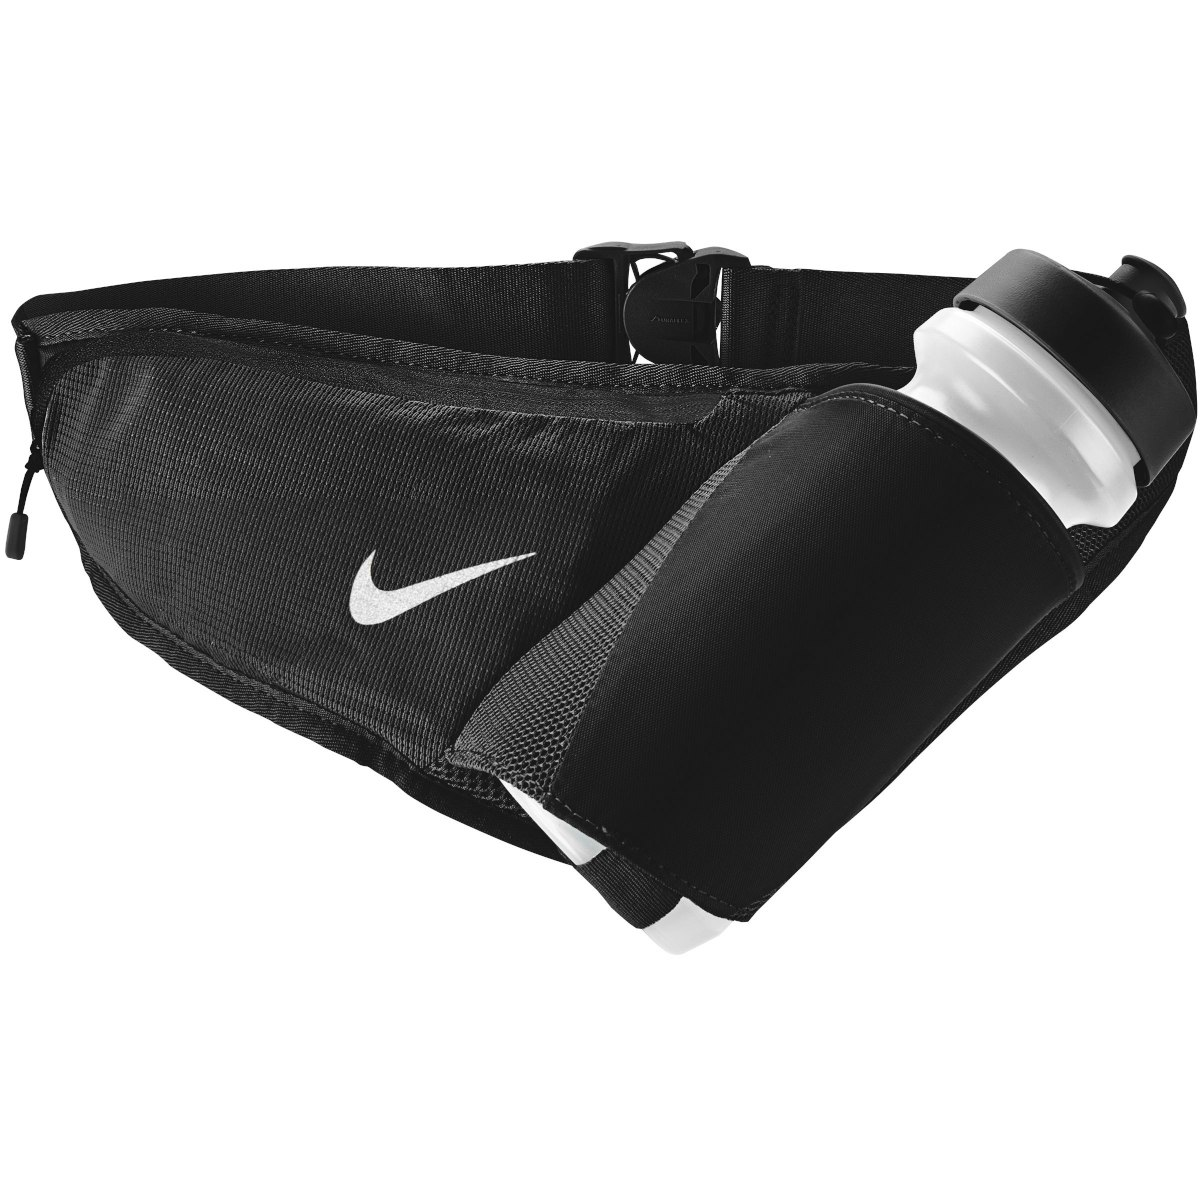 Nike Bottle Belt - Large - black/black/silver 082